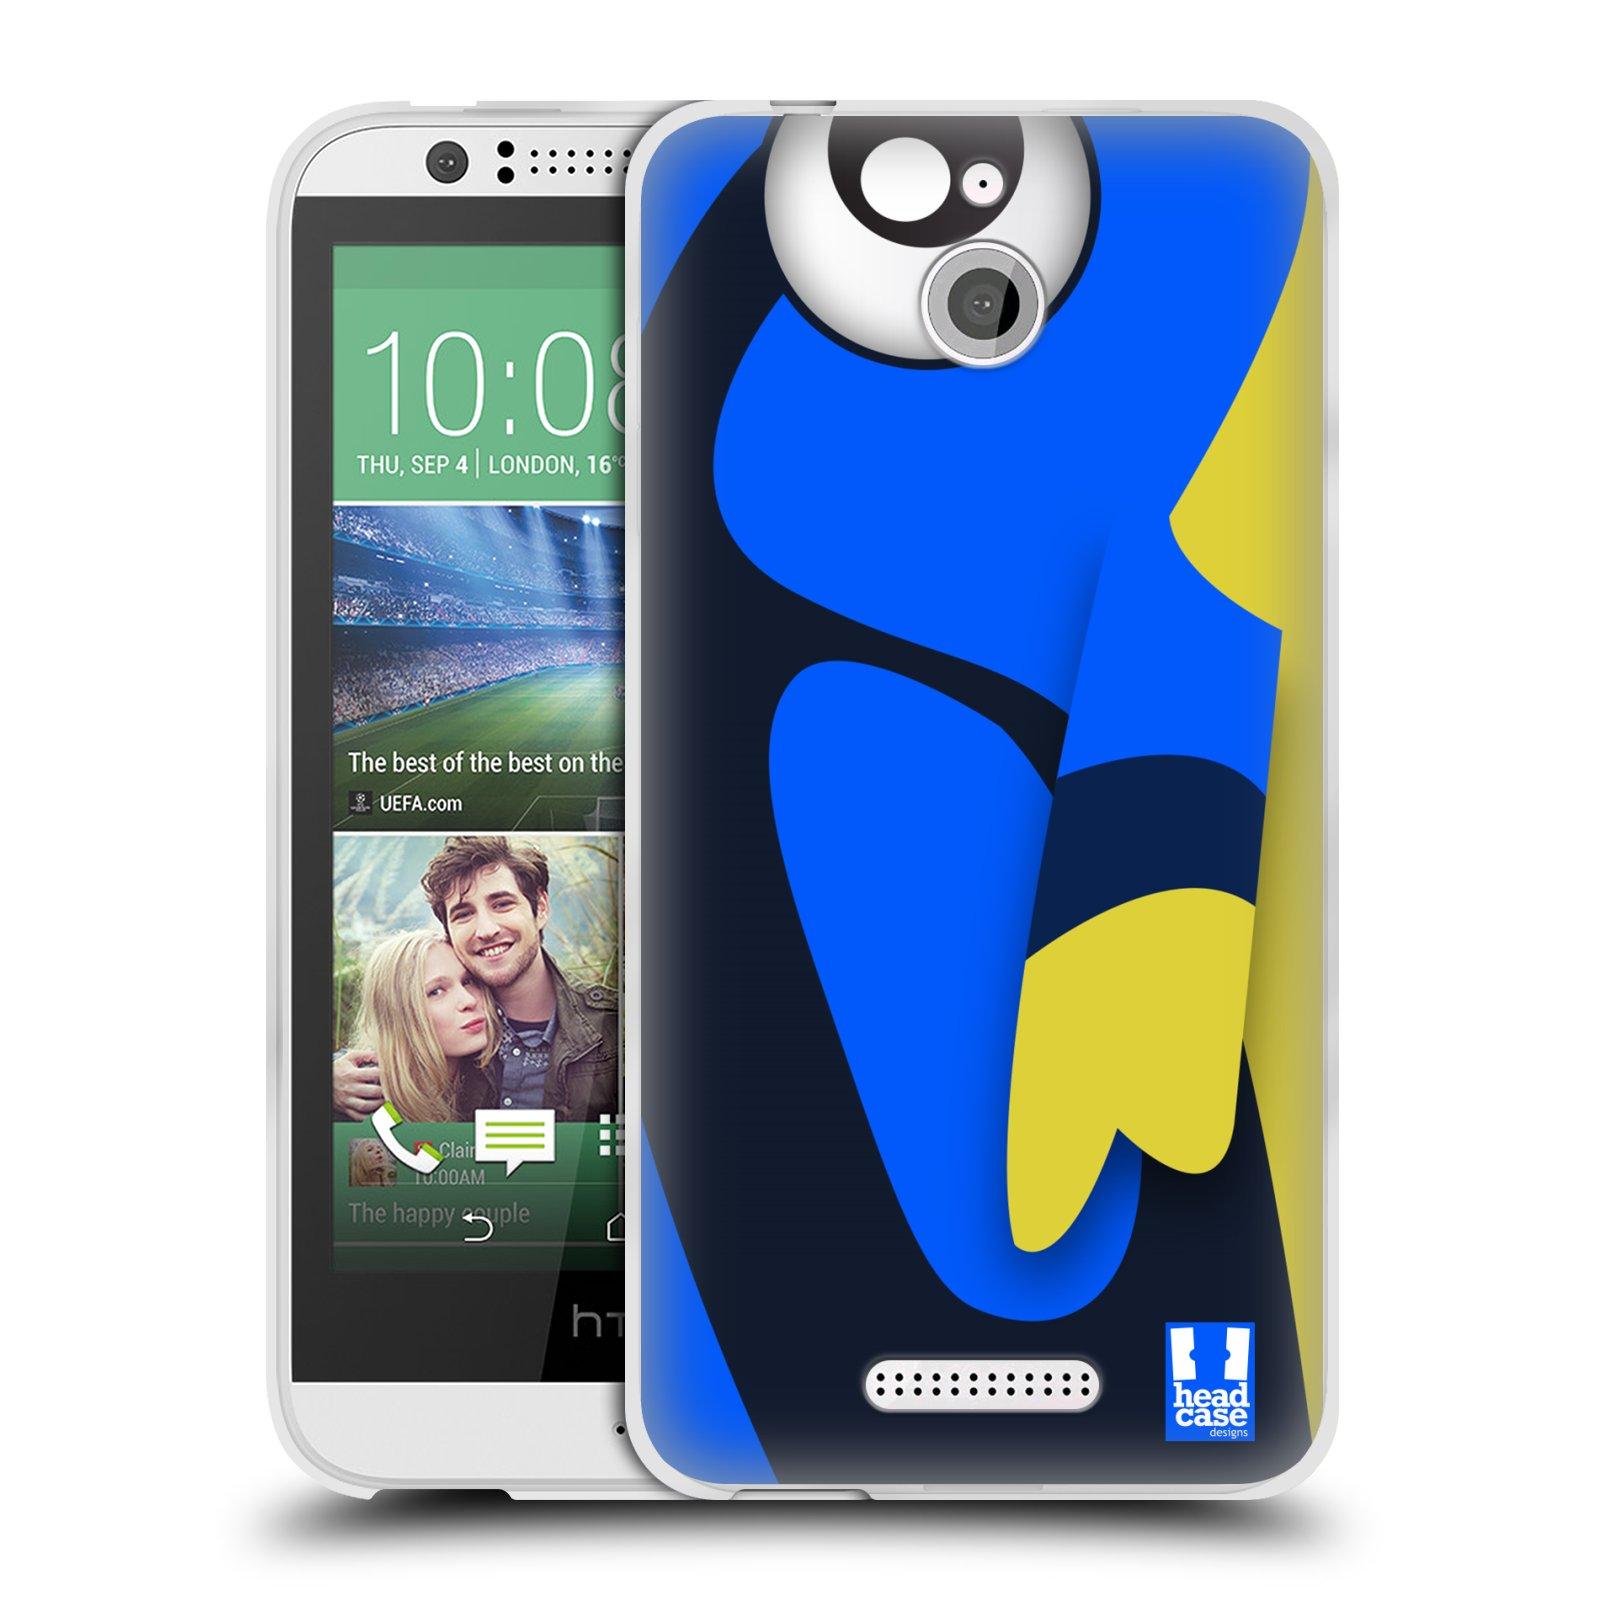 HEAD CASE silikonový obal HTC DESIRE 510 vzor Rybičky z profilu modrá a žlutá Dory